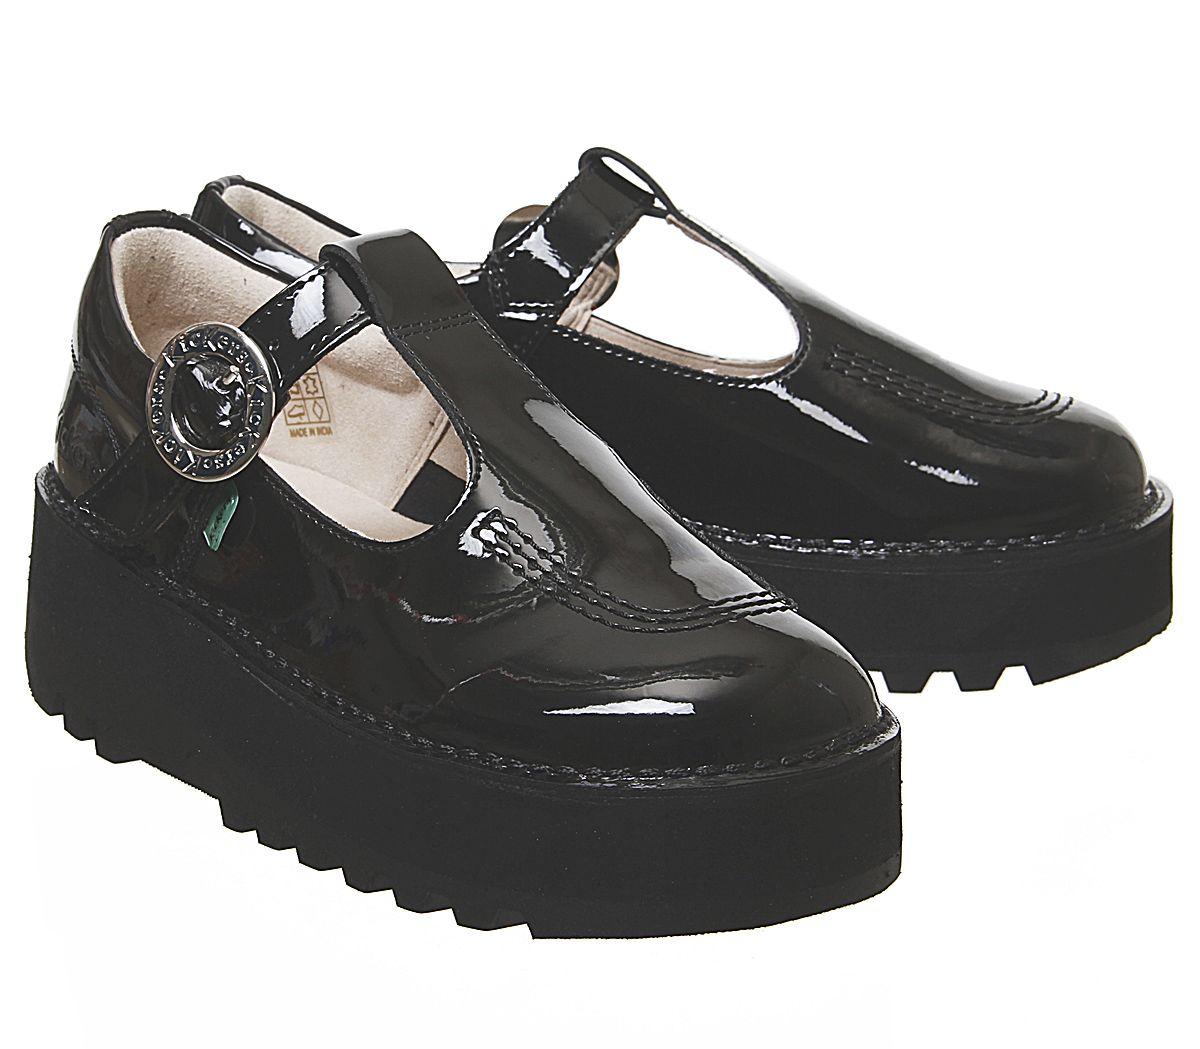 Verni Plats Trixie Kickers En Détails Femmes Cuir T Chaussures Noir Sur Barre MVSpqUz